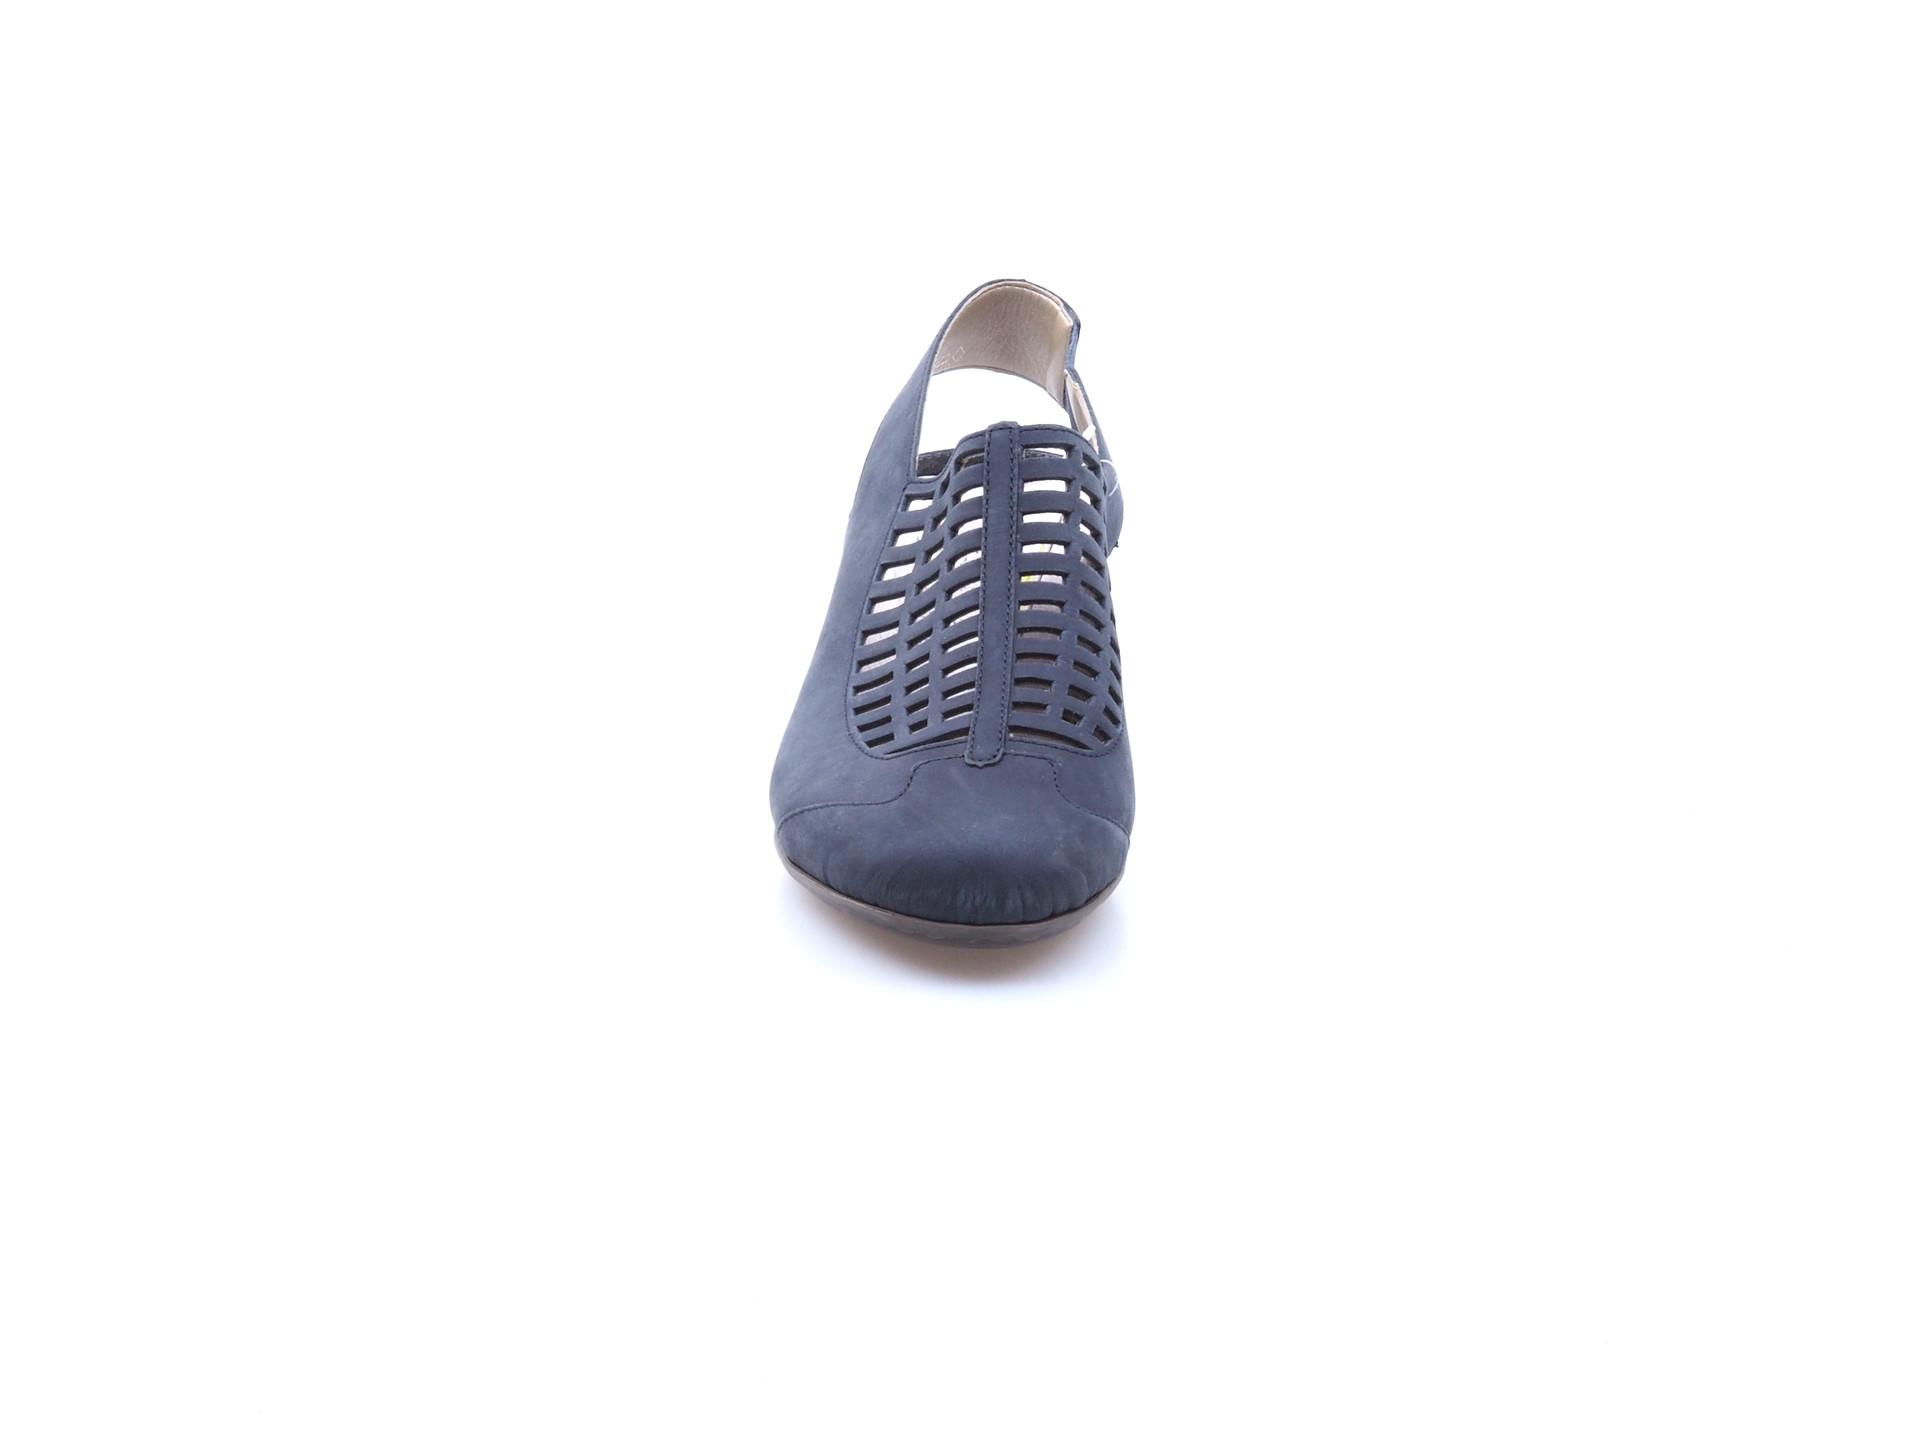 dd2b6cf9181c Soňa - Dámska obuv - Sandále - Tmavomodré uzatvorené sandále na platforme  Rieker